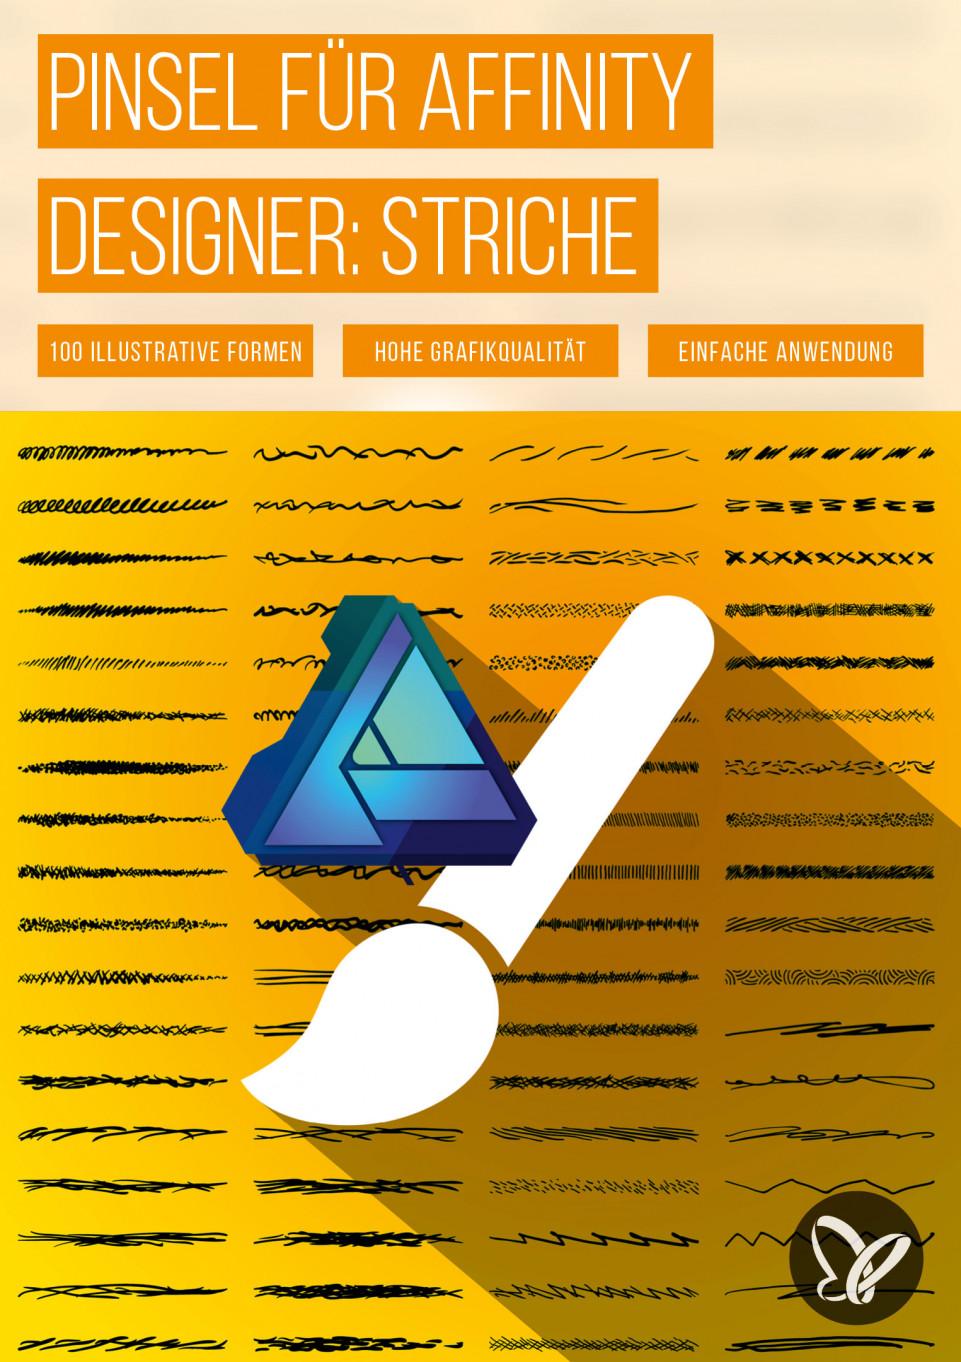 100 Affinity Designer-Pinsel für Grafiken im Skizzen-Look